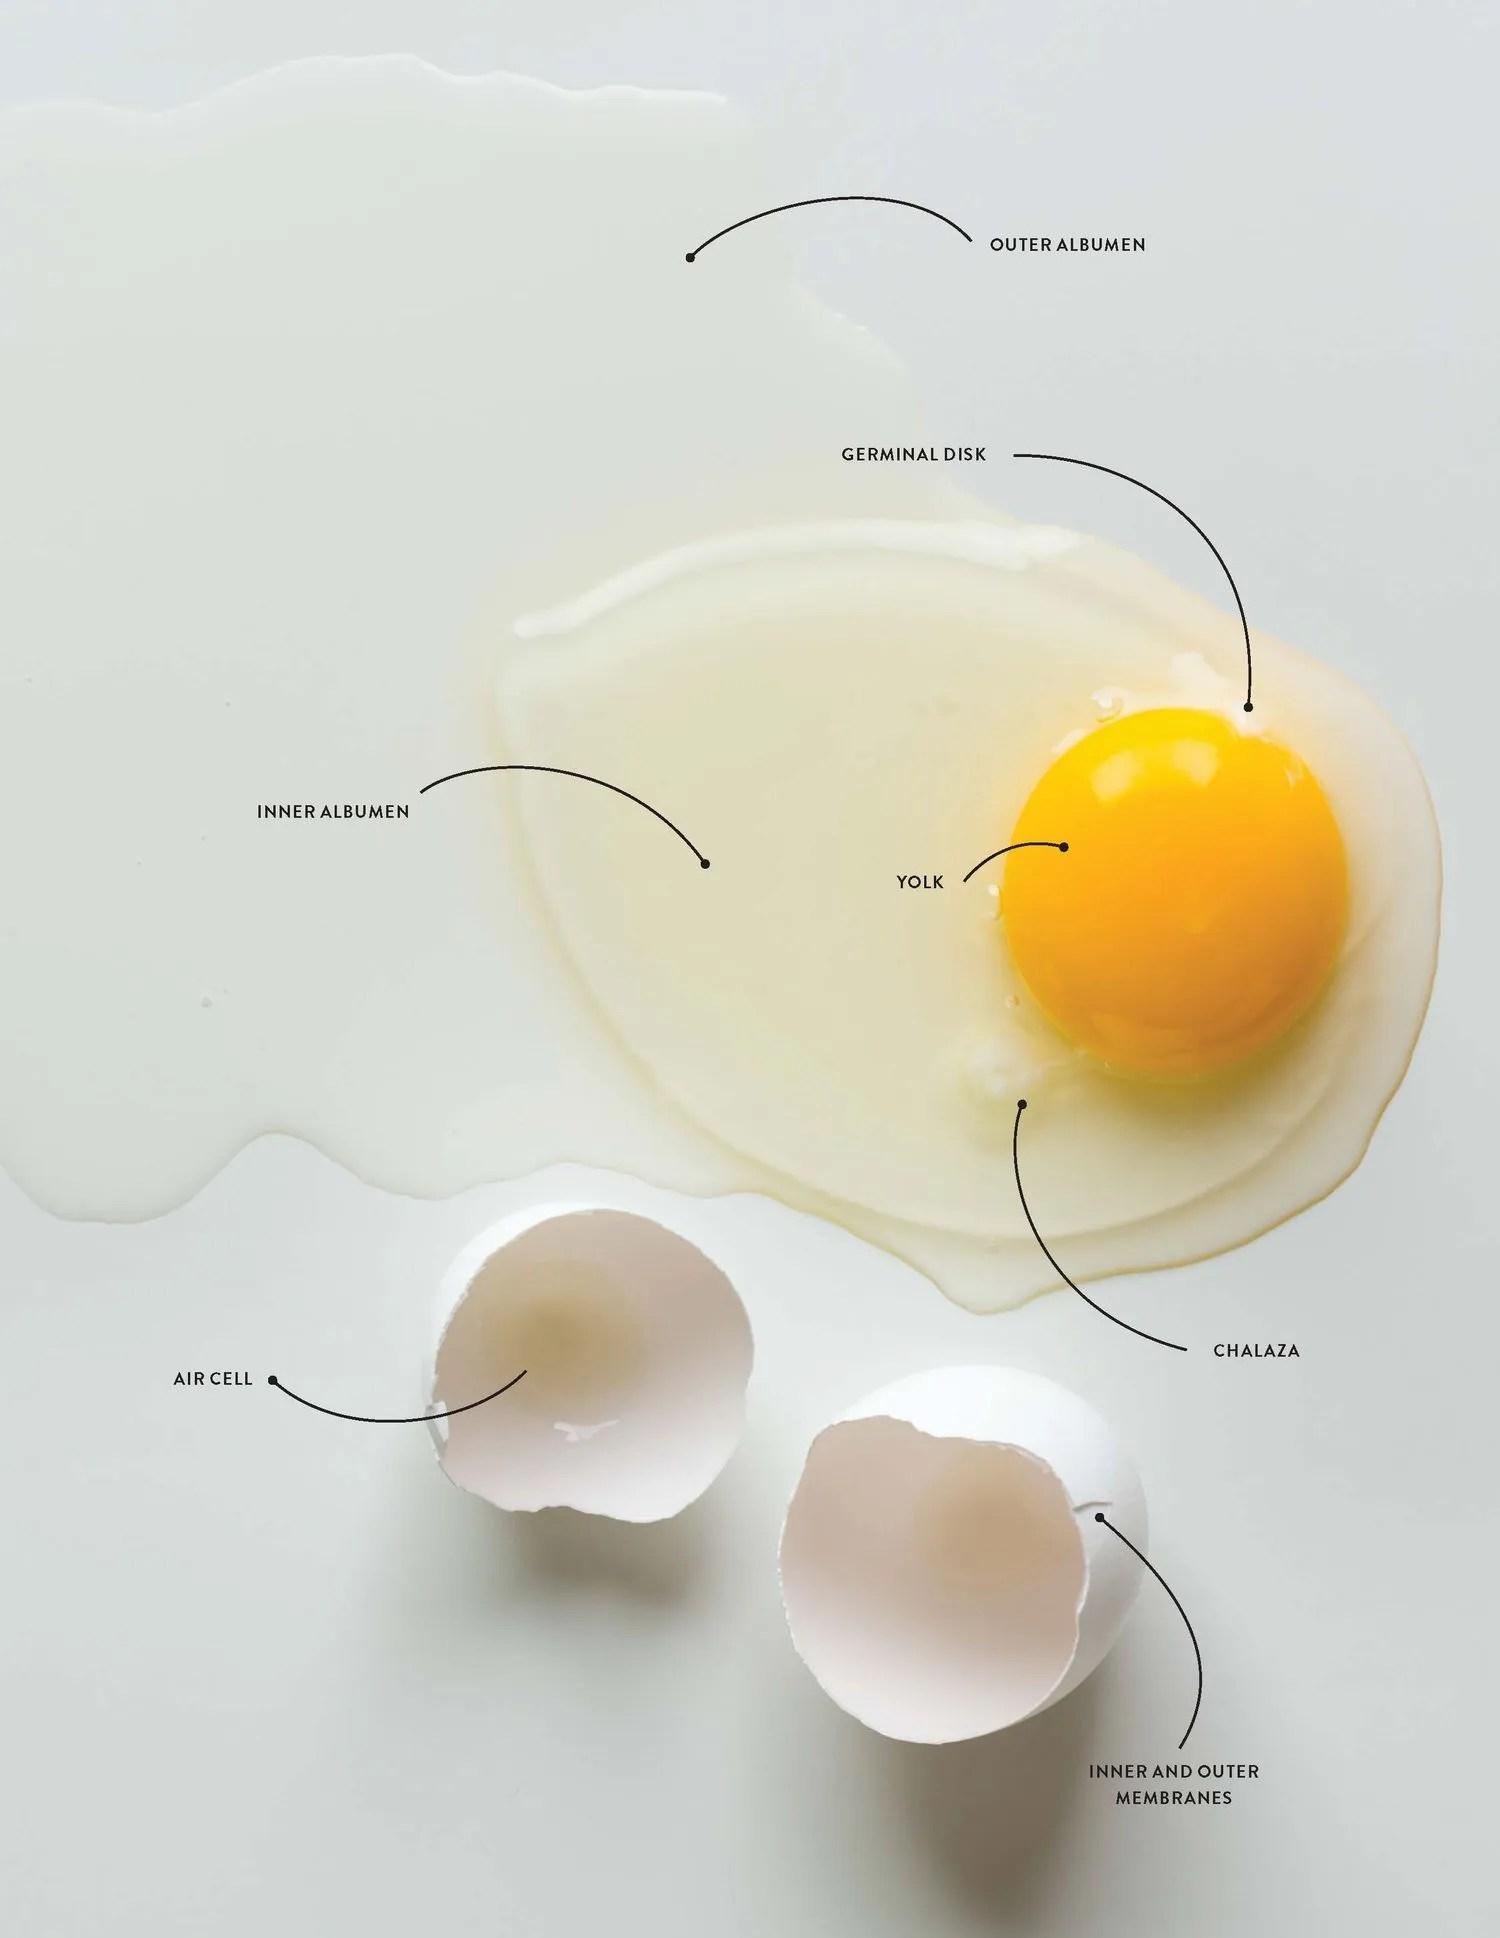 Egg Anatomy 101 Shell White And Yolk